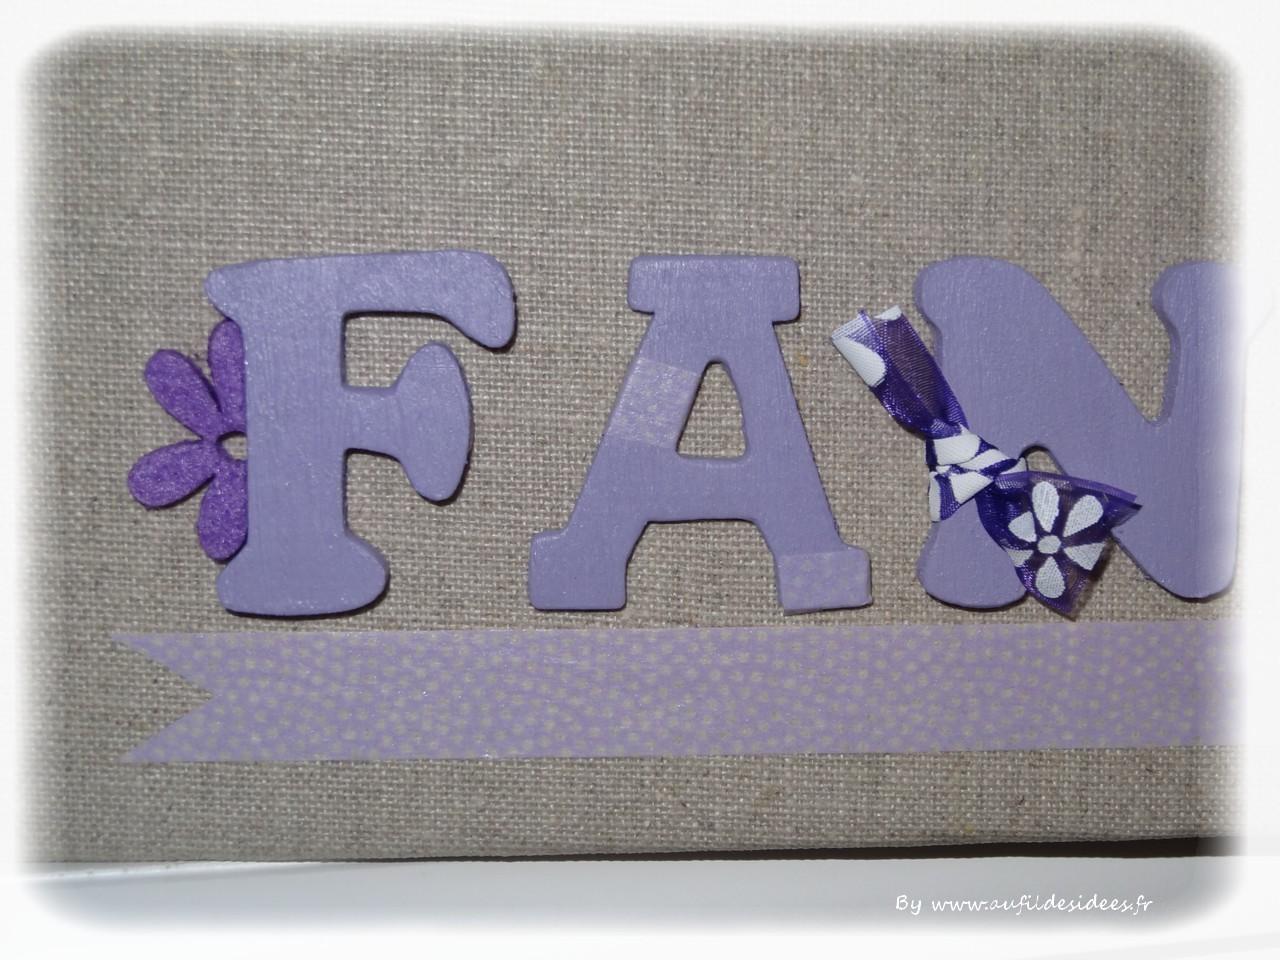 Tableau prénom Fanny - Créa Au Fil des Idées décembre 2014